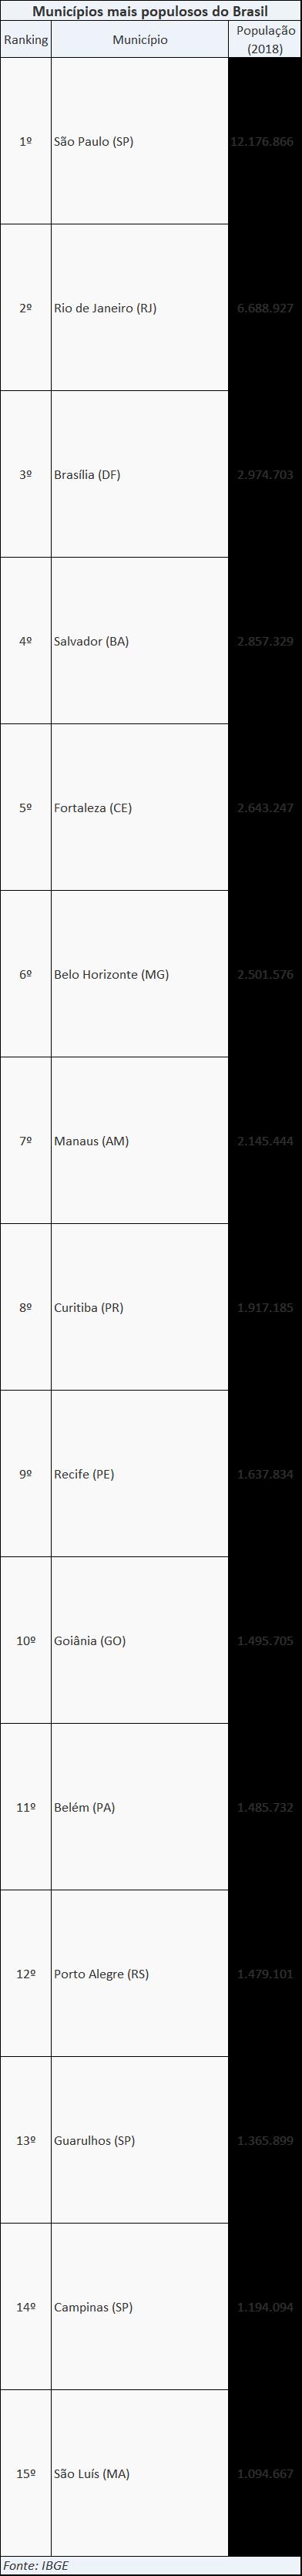 Chacara - municipios mais populosos bras